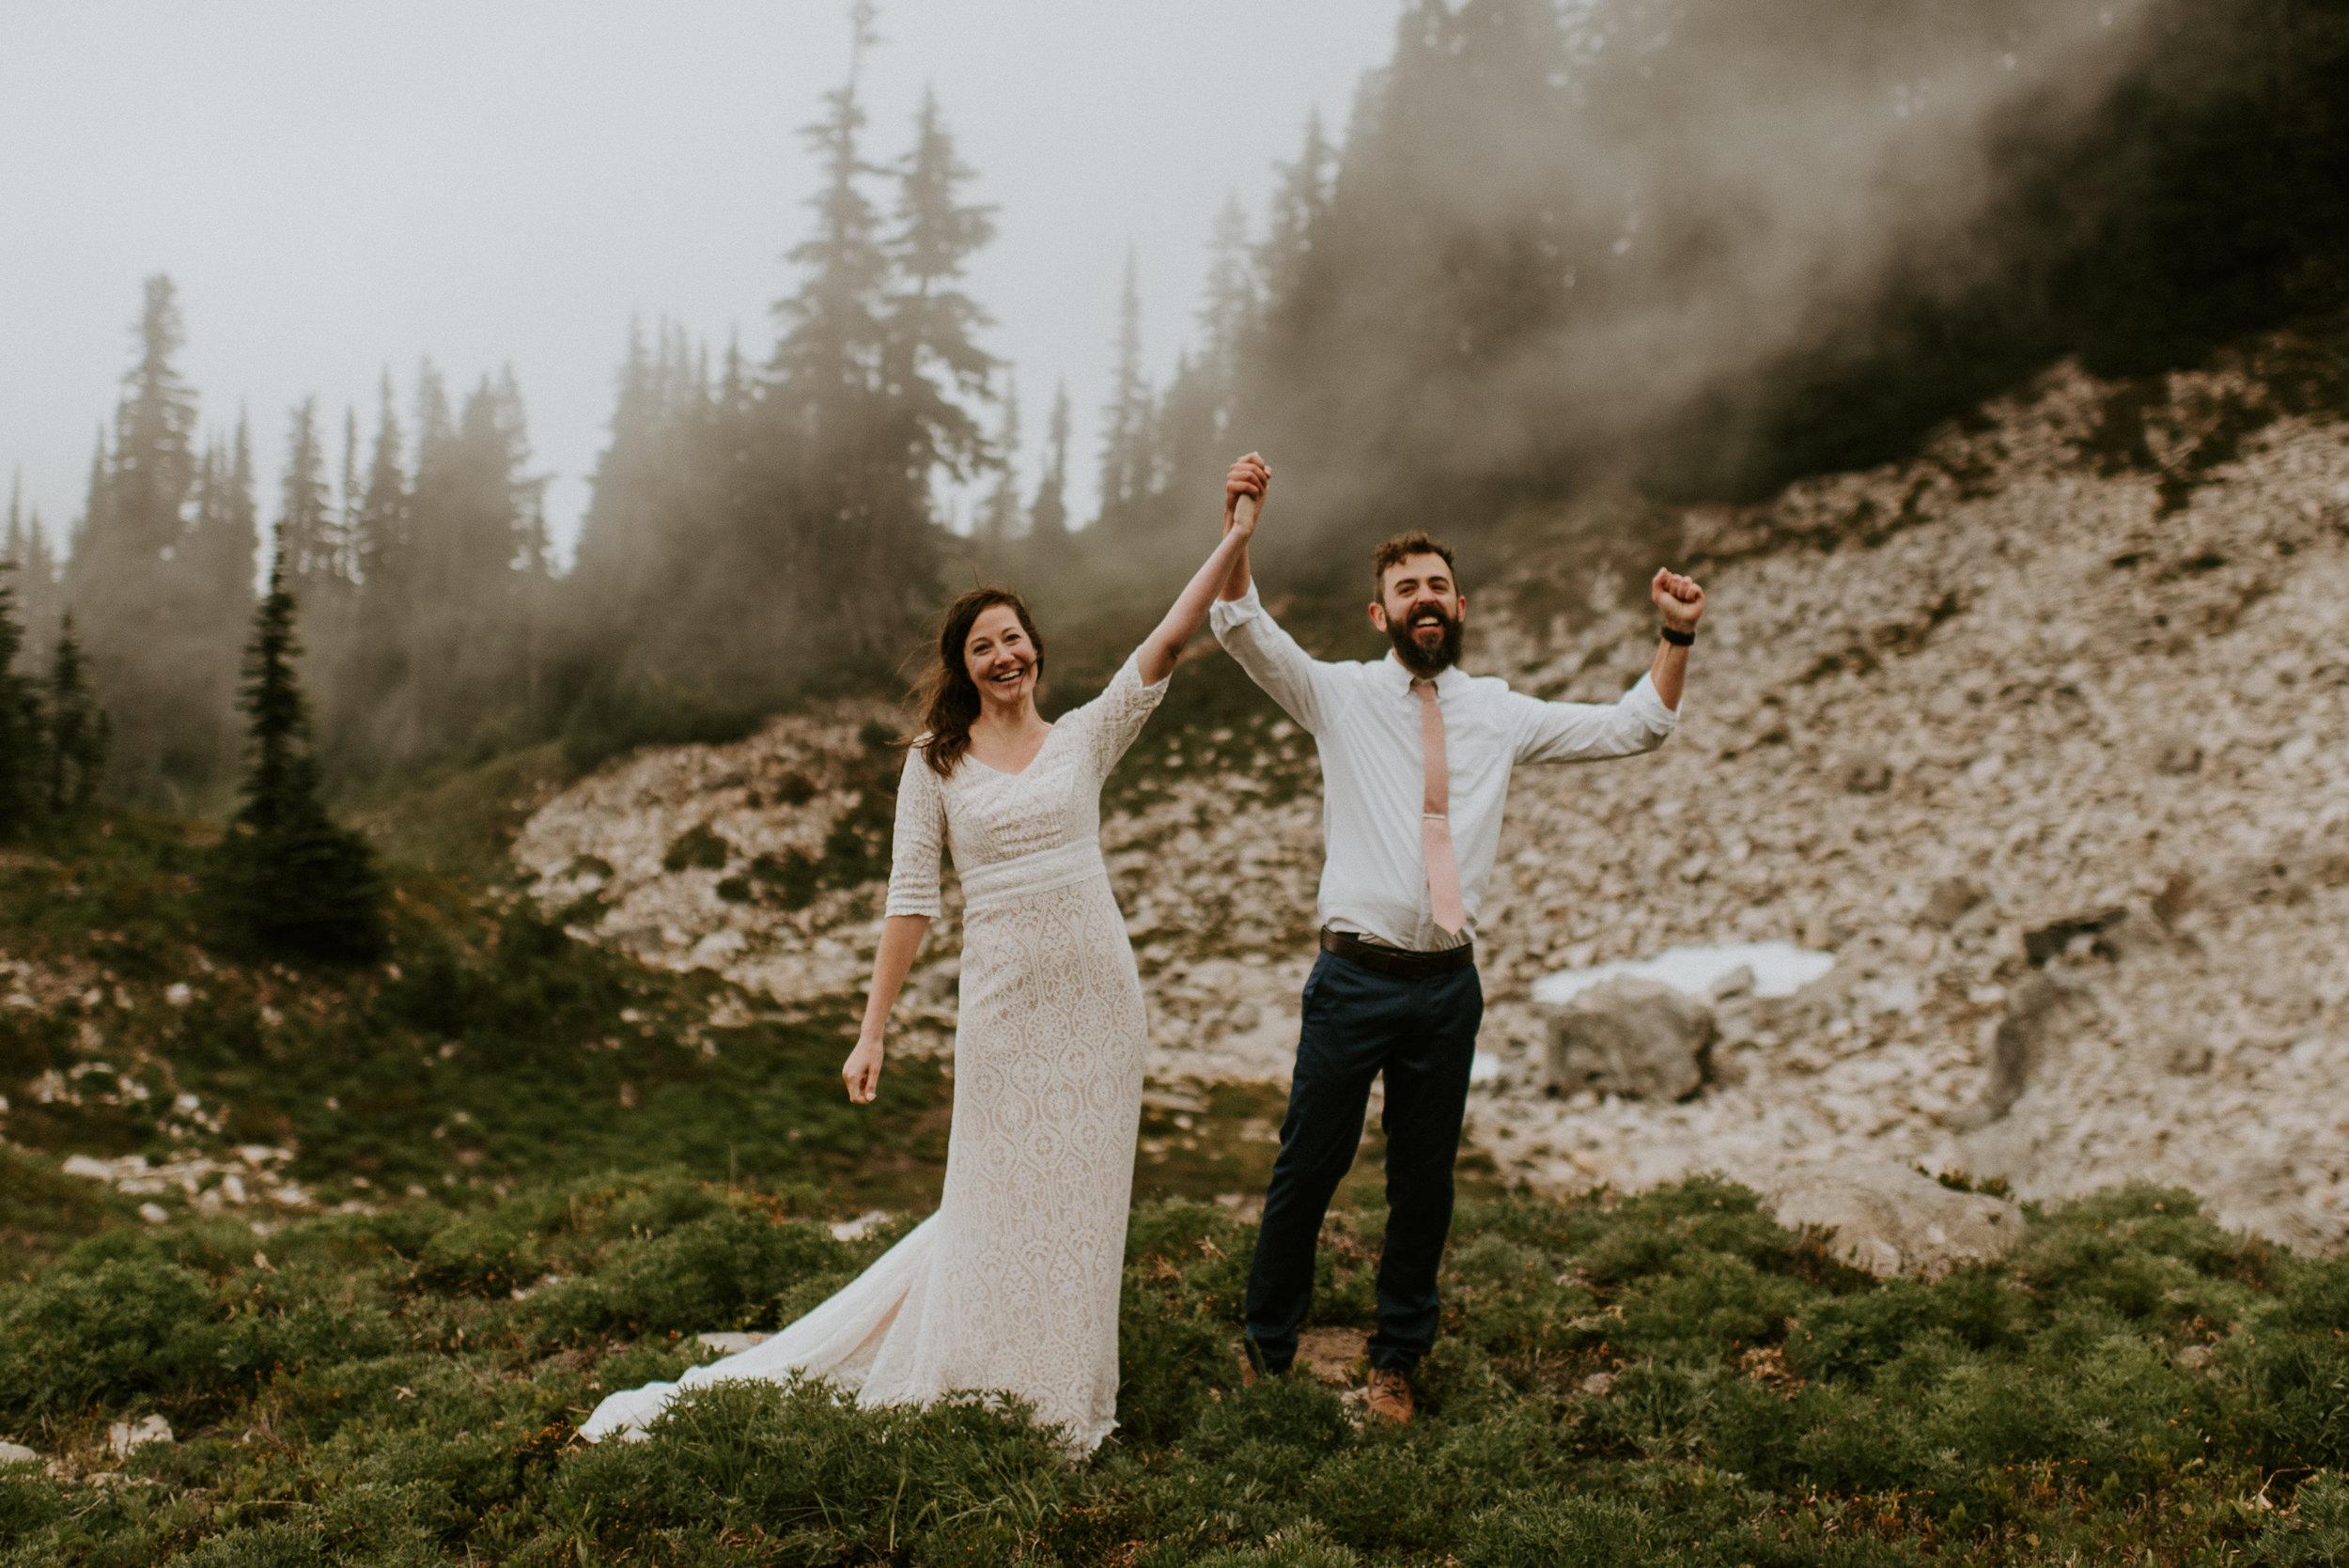 Nicole + Justin Elopement - Mt. Rainier Adventure Elopement - Kamra Fuller Photography-268.JPG